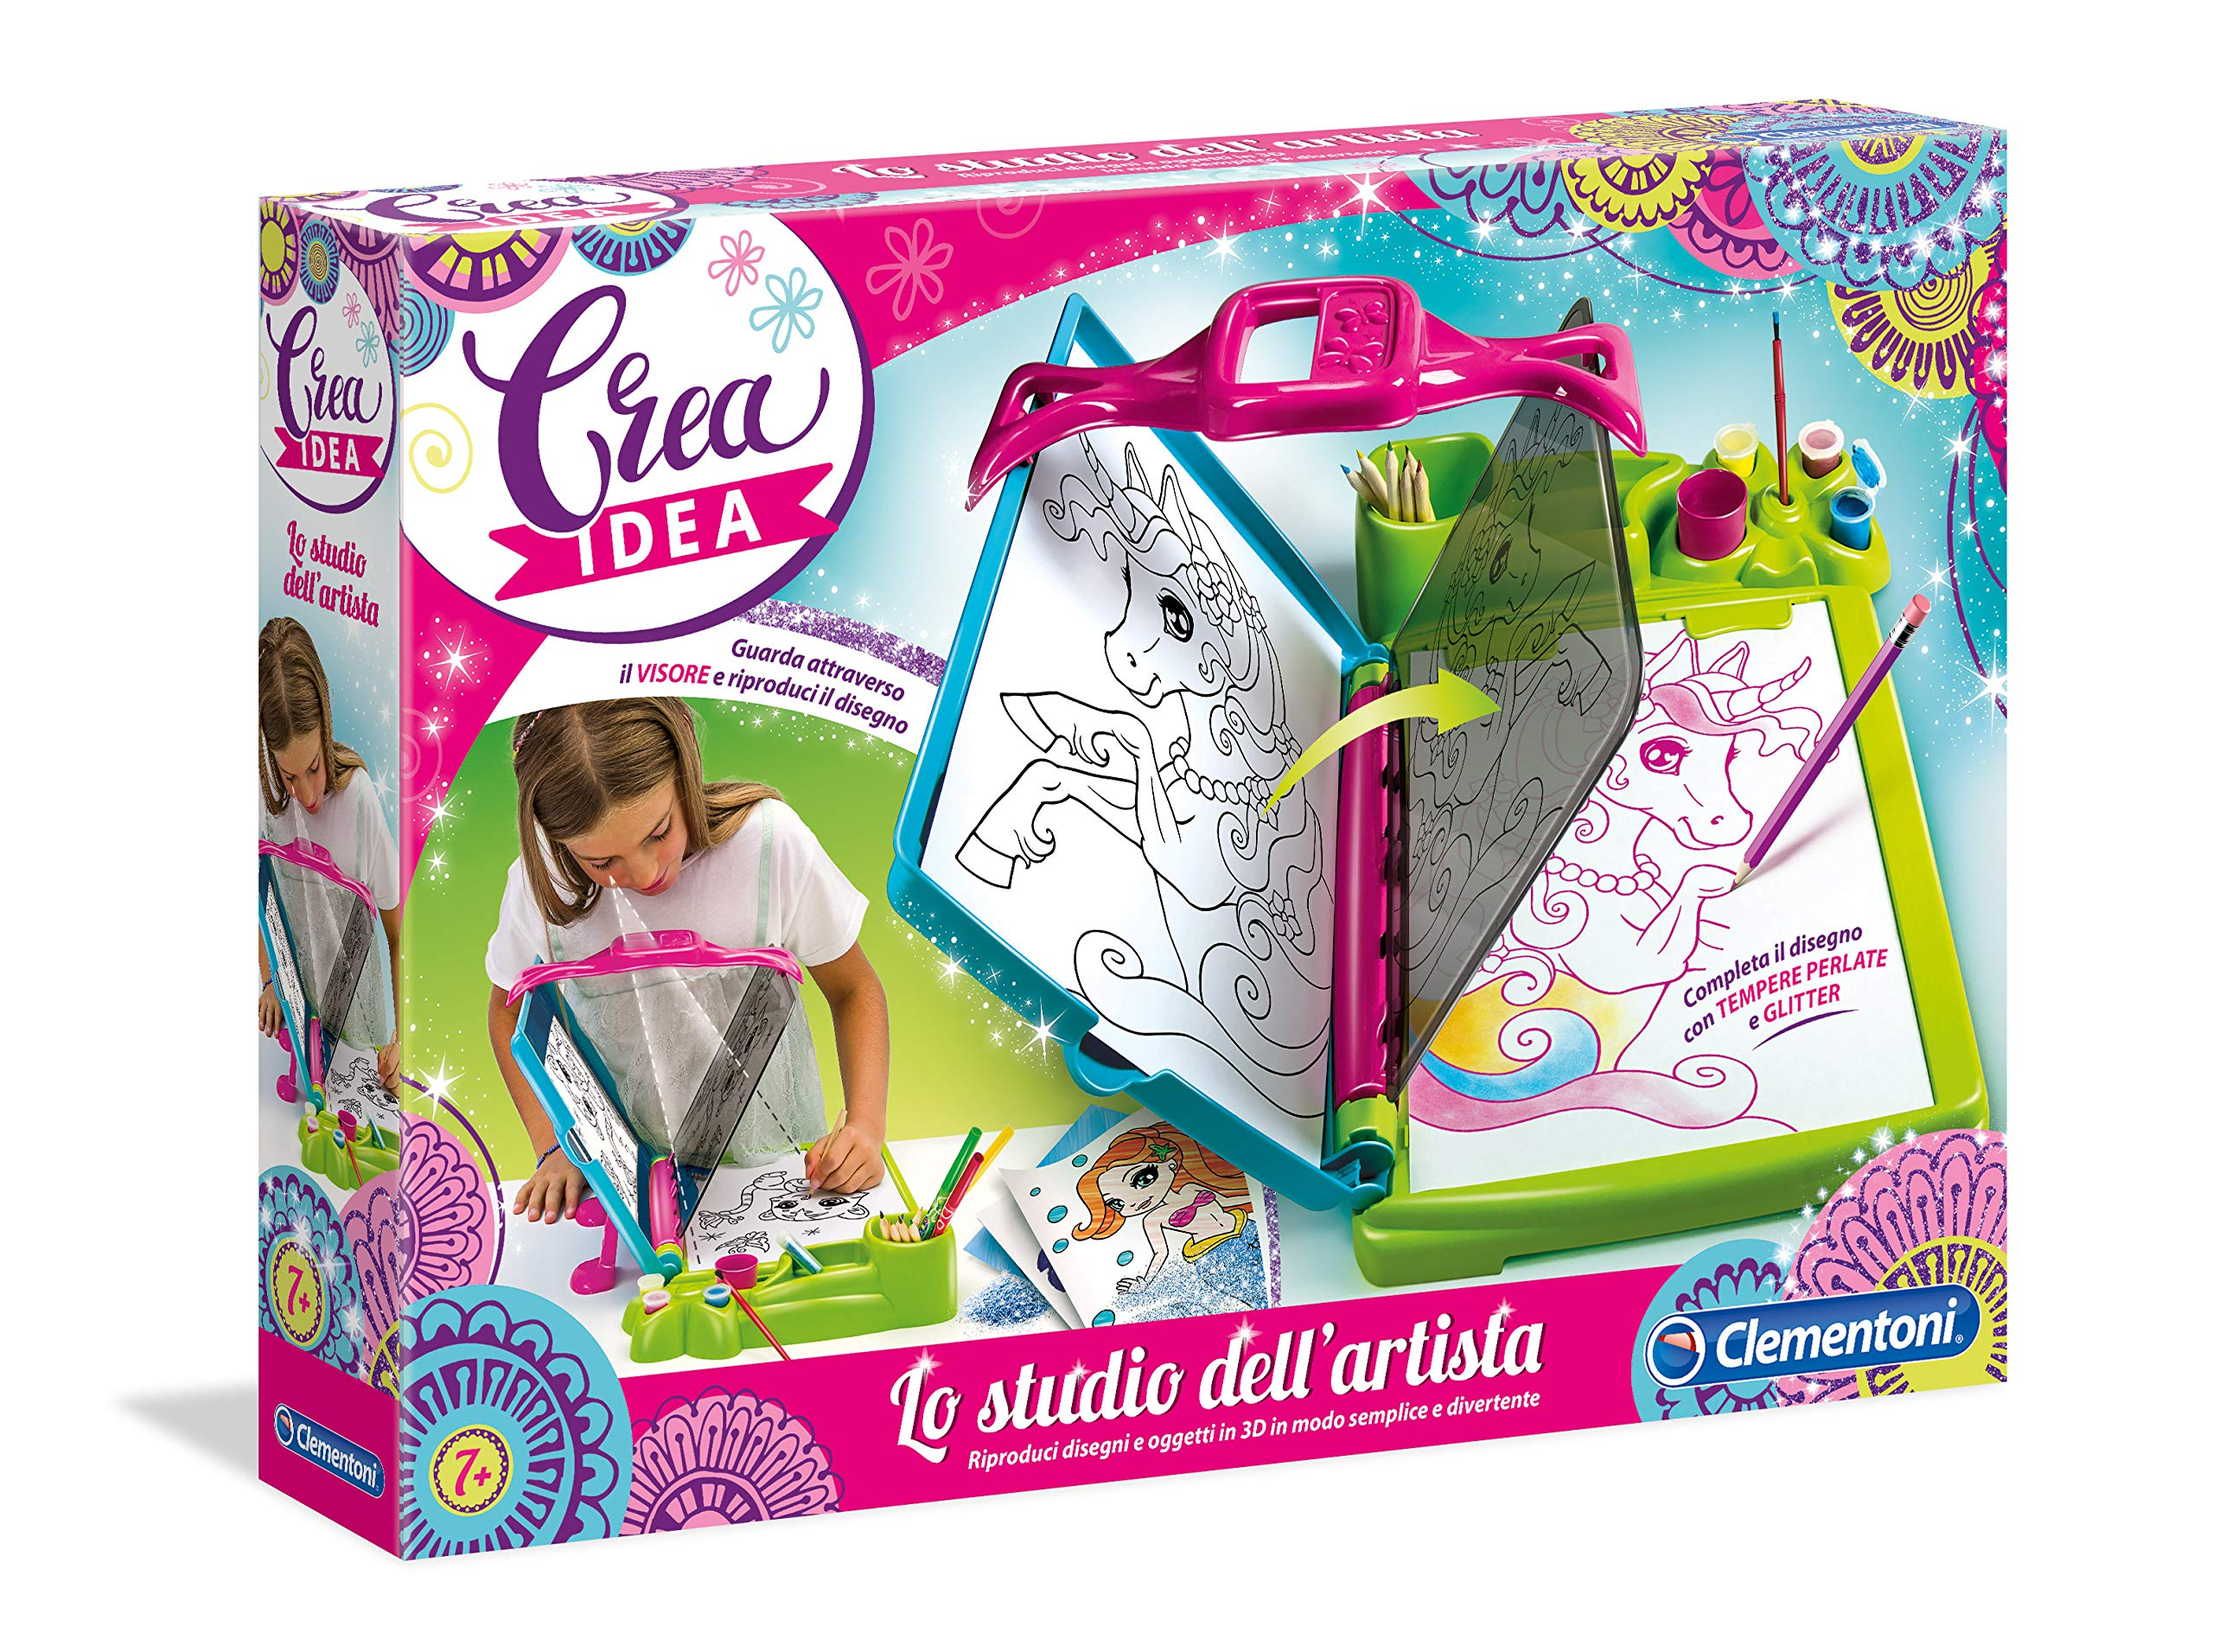 CLEMENTONI-Die-Firma-DellArtista-TV-Spiele-der-frhen-Kindheit CLEMENTONI Die Firma Dell'Artista TV – Spiele der frühen Kindheit -